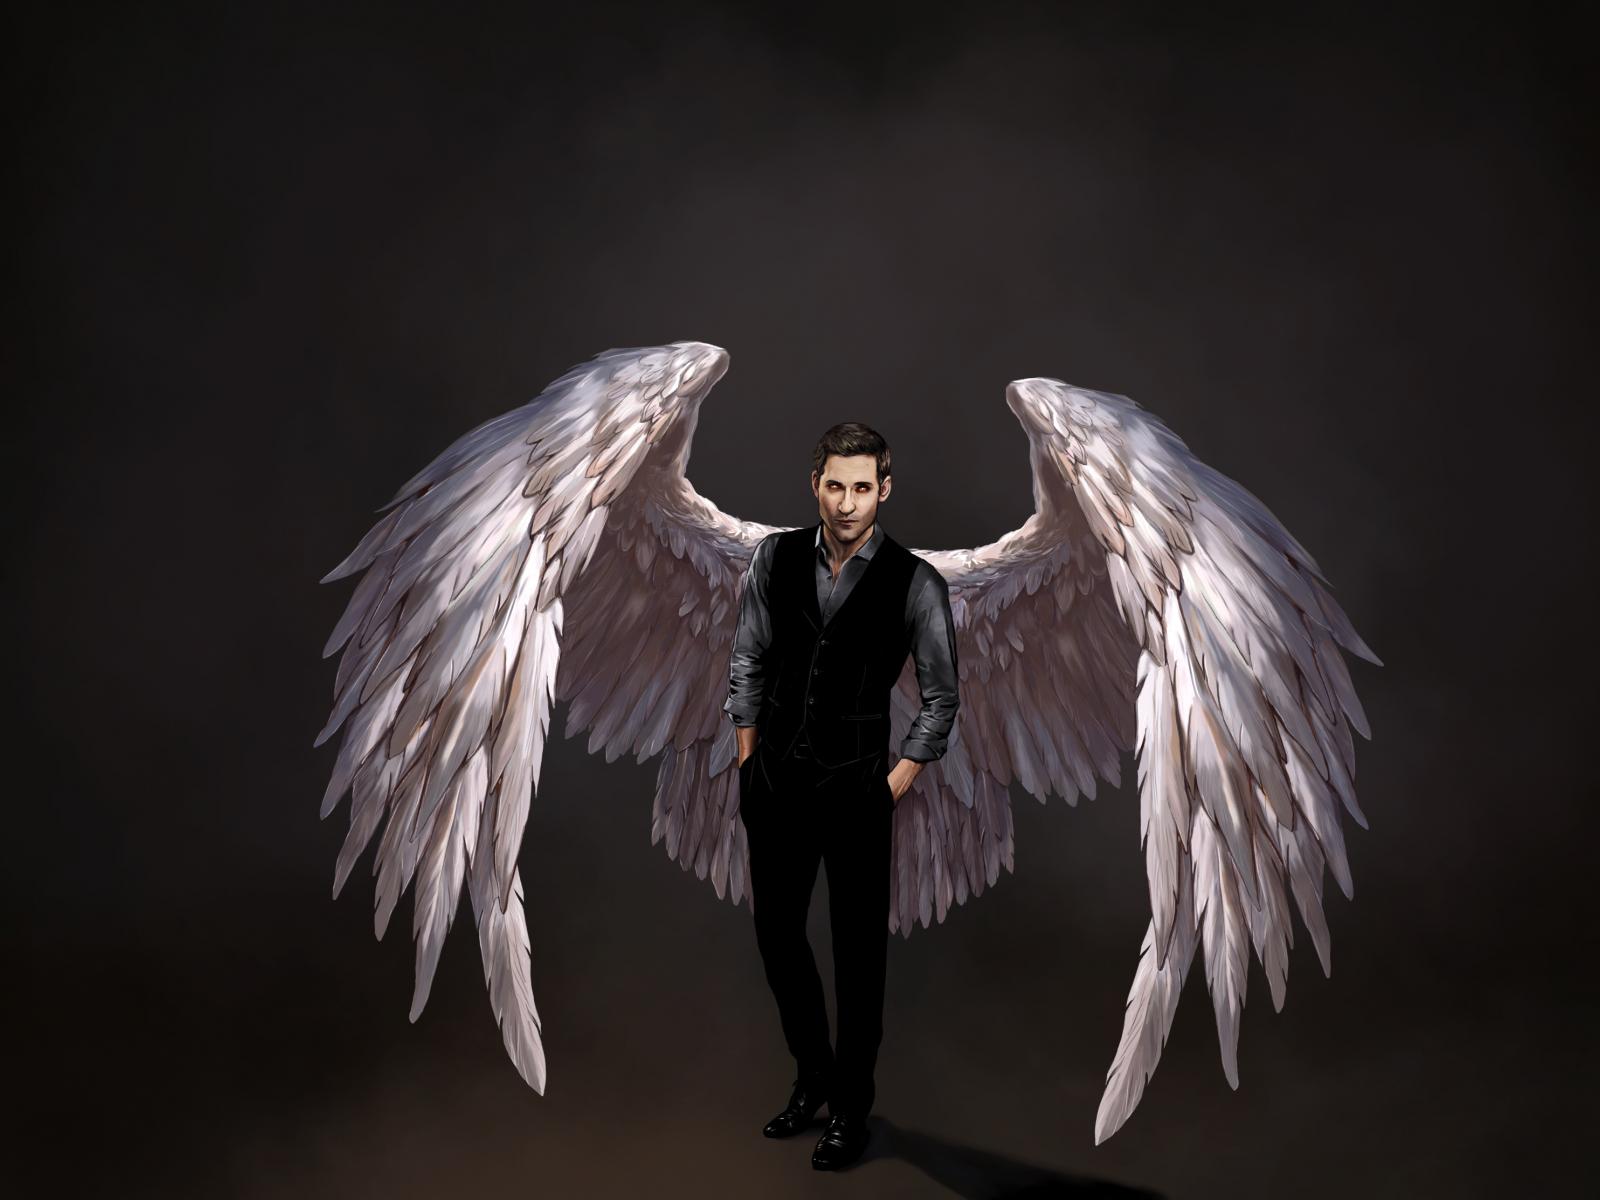 Большого взрыва, прикольные картинки ангелов на аву